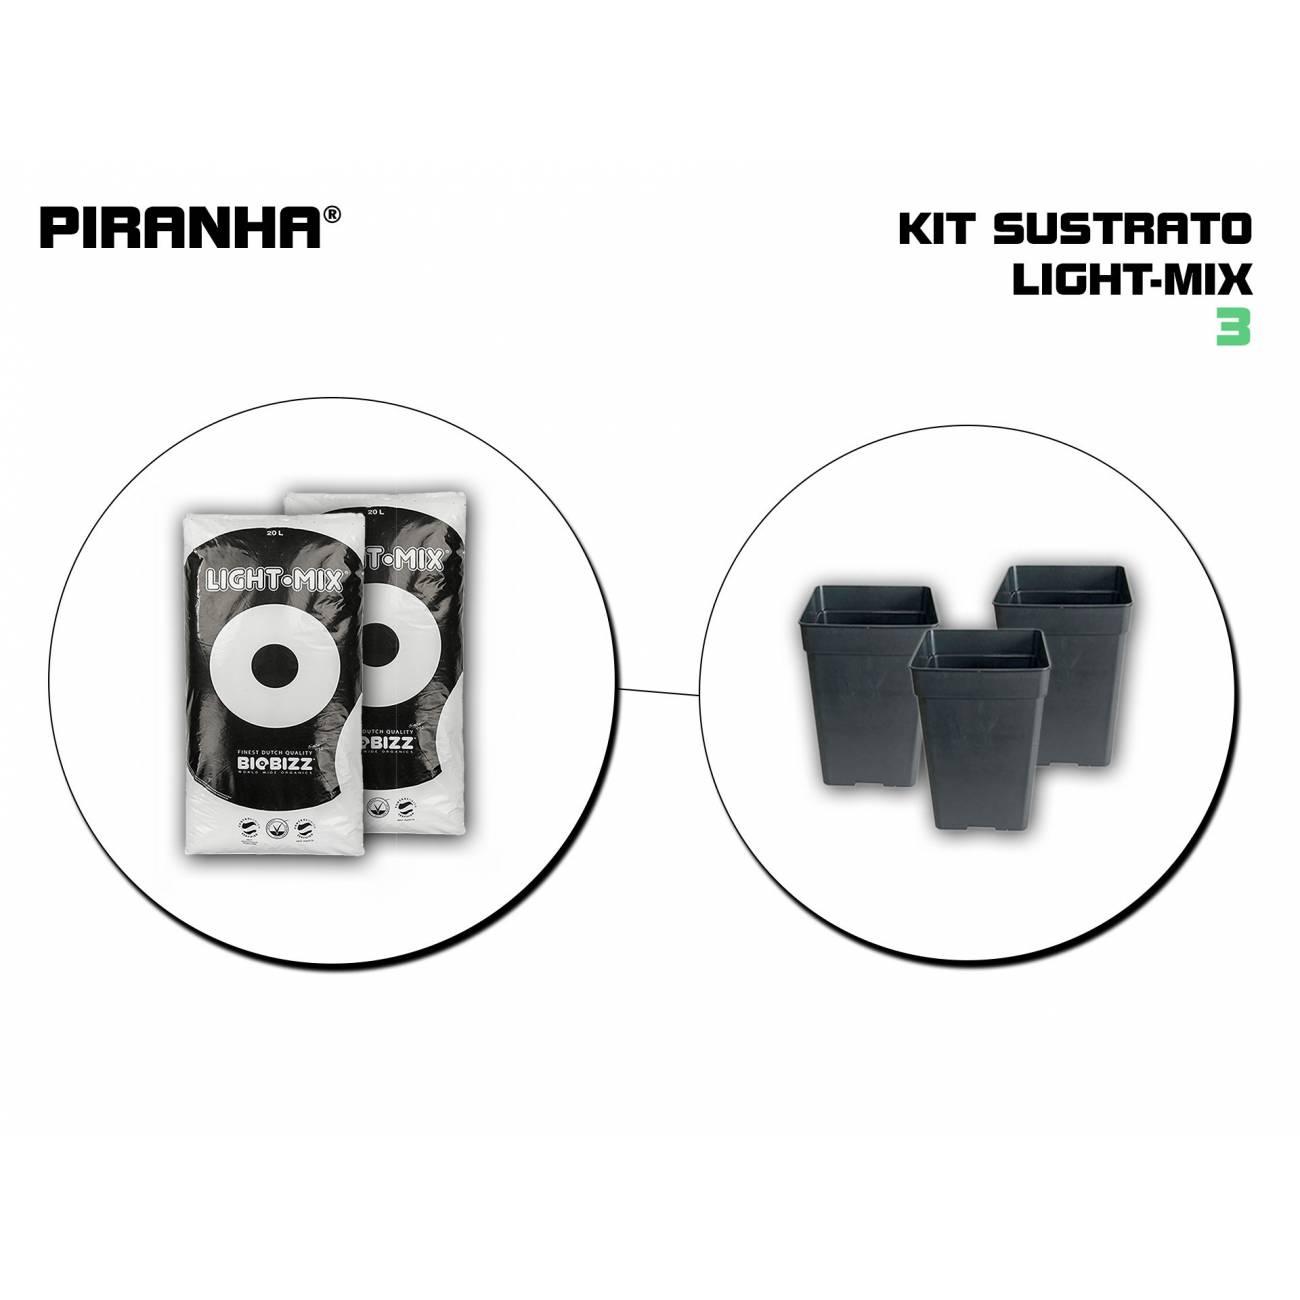 Kit Sustrato 3 Light Mix